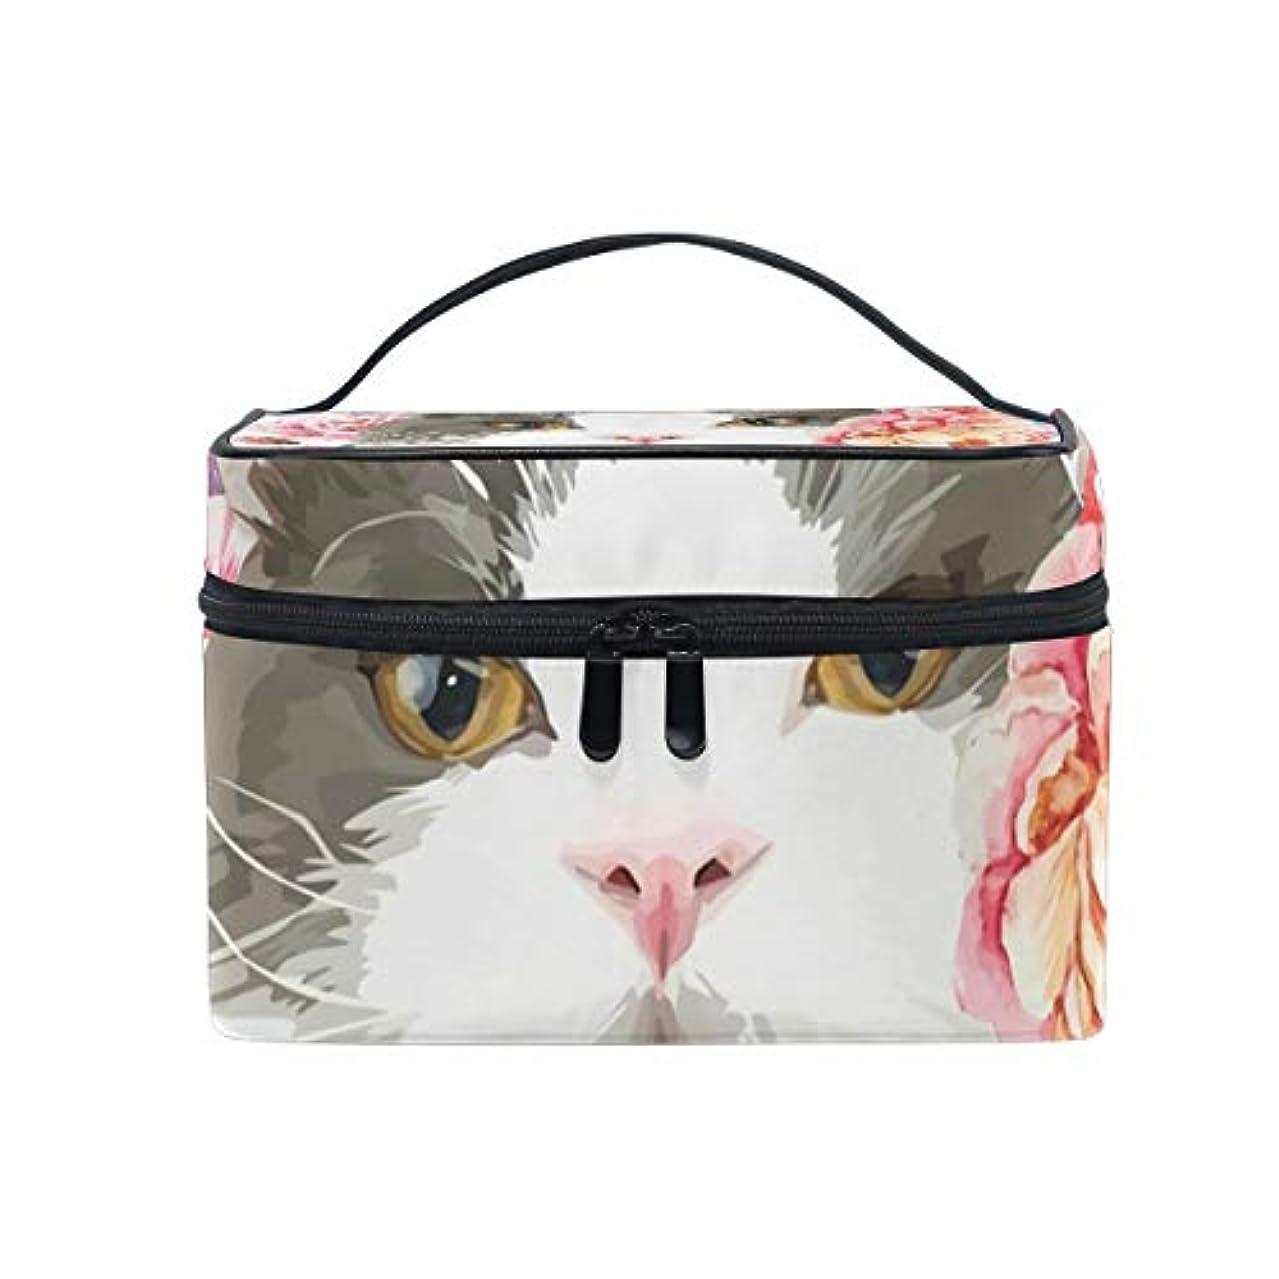 妥協スペシャリストミルクメイクボックス 猫柄 花柄 楽しみ柄 化粧ポーチ 化粧品 化粧道具 小物入れ メイクブラシバッグ 大容量 旅行用 収納ケース